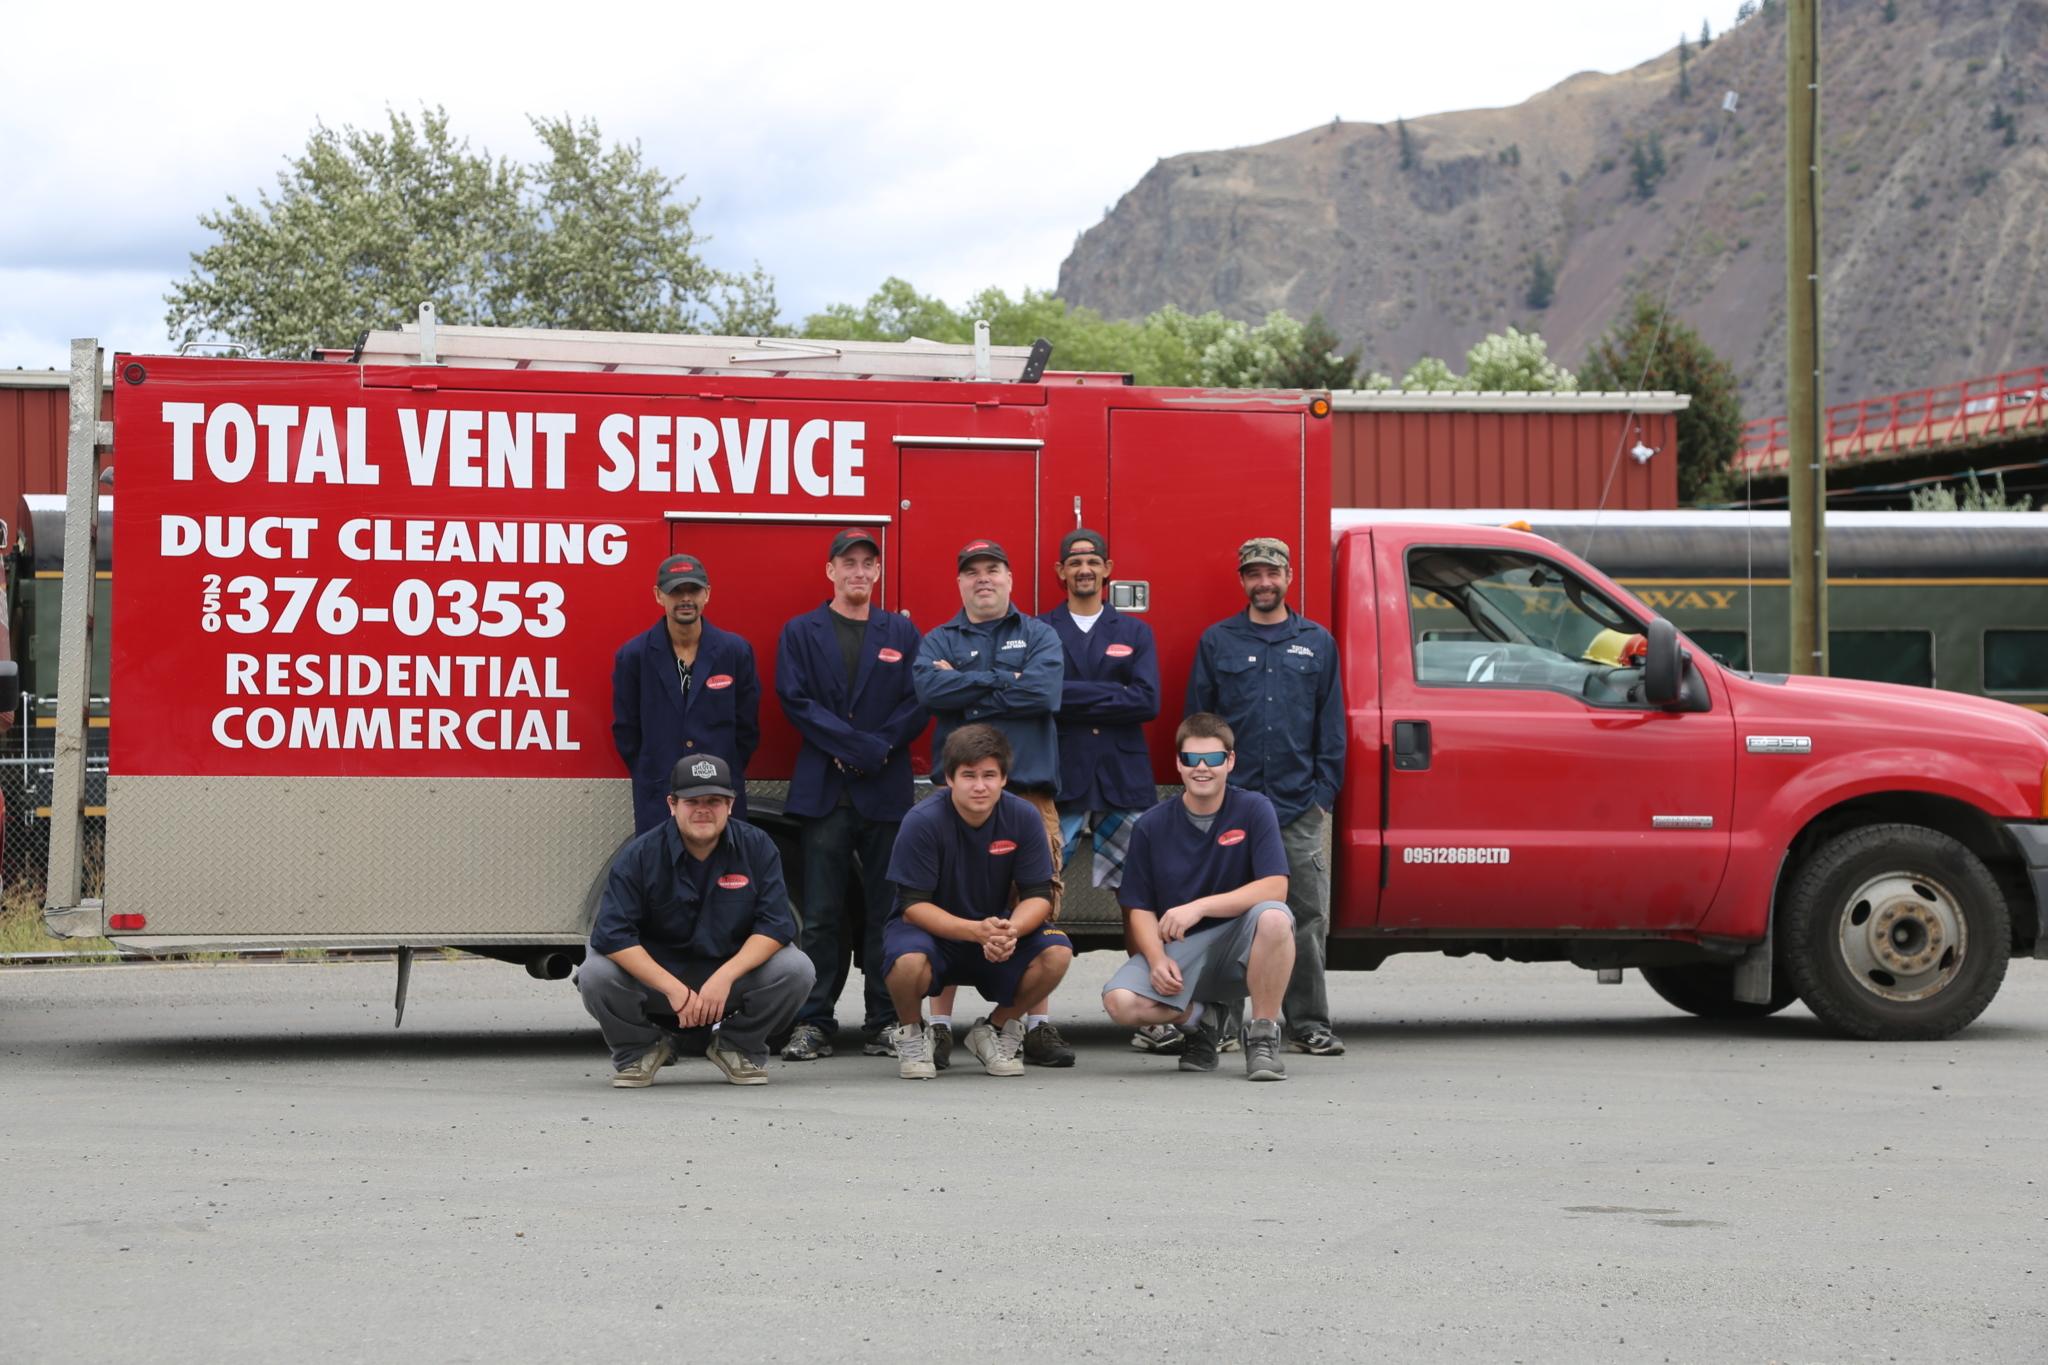 Total Vent Service in Kamloops